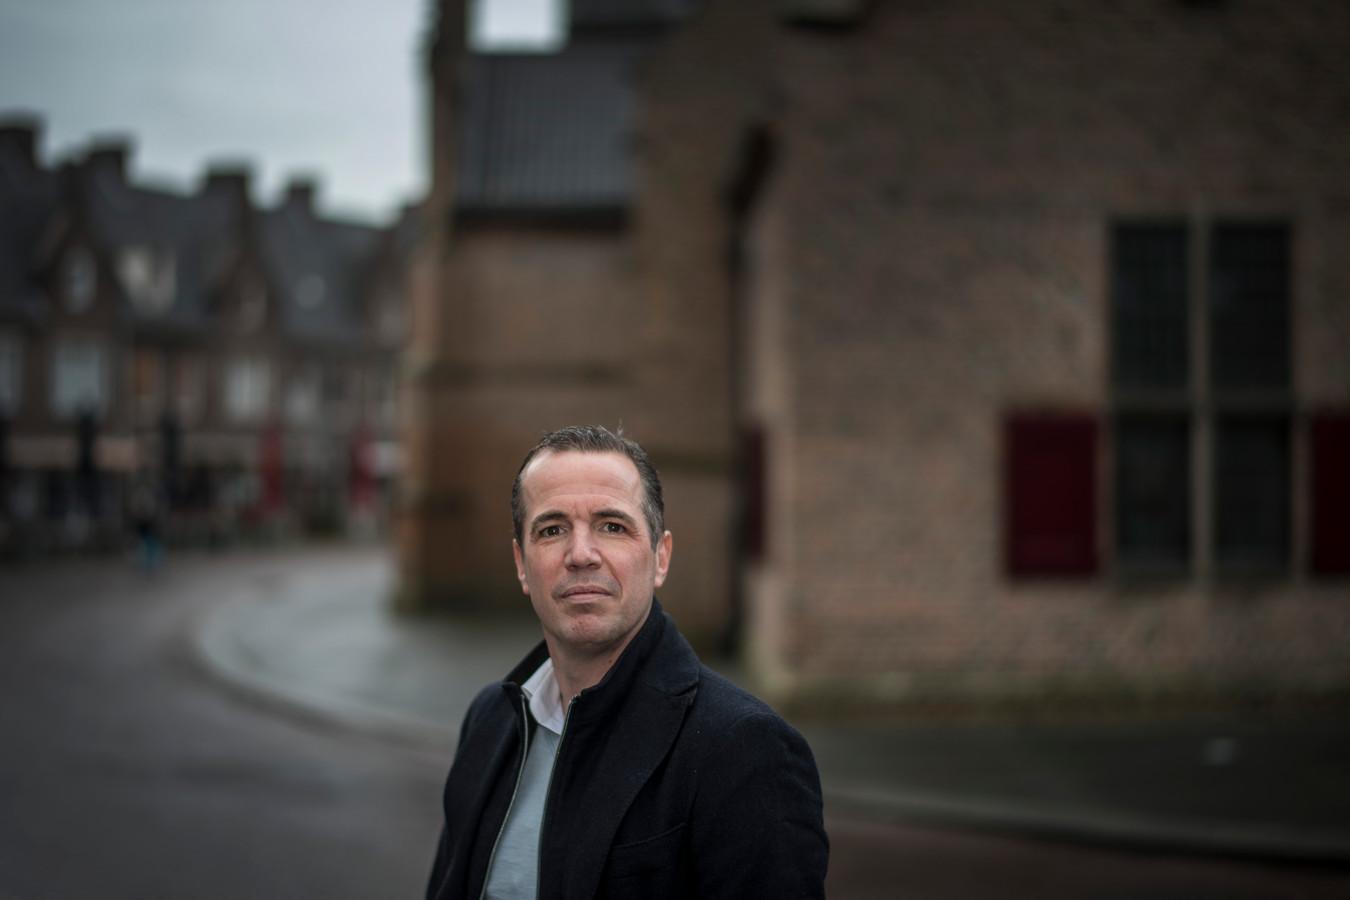 Jan Bluyssen, competitieleider betaald voetbal van de KNVB, in het hart van Wageningen.